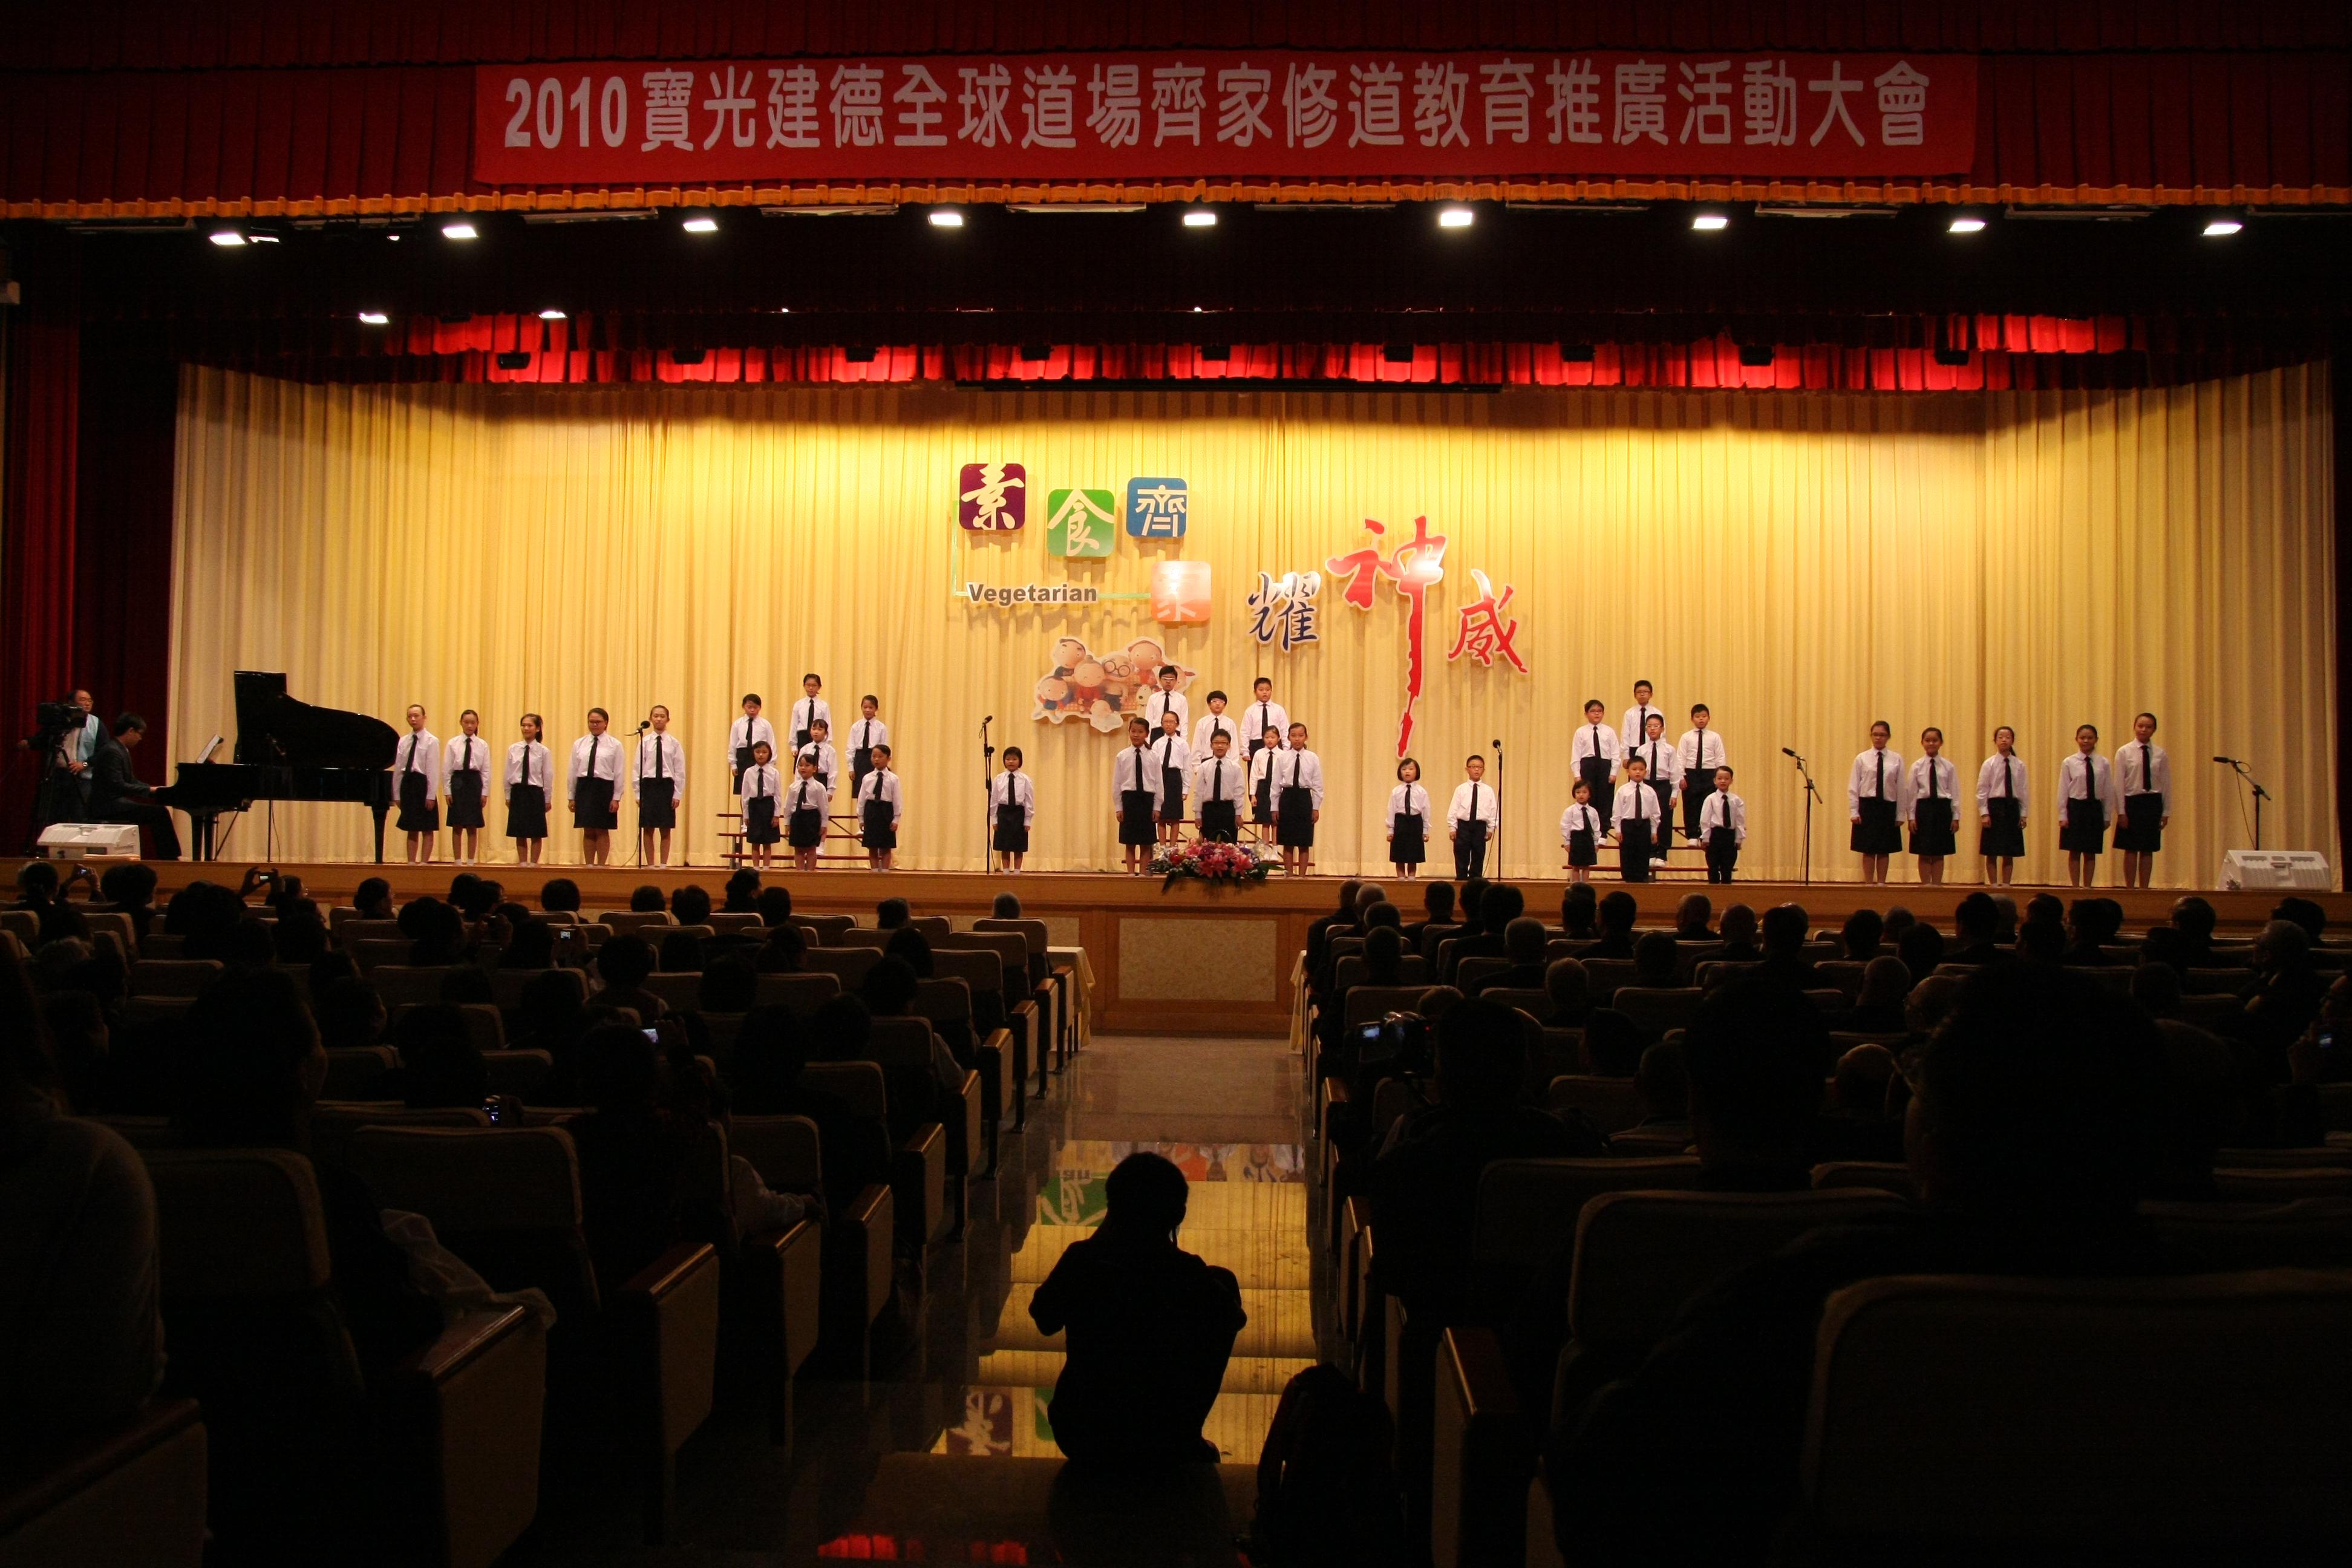 寶光建德2010 全球道場齊家修道活動